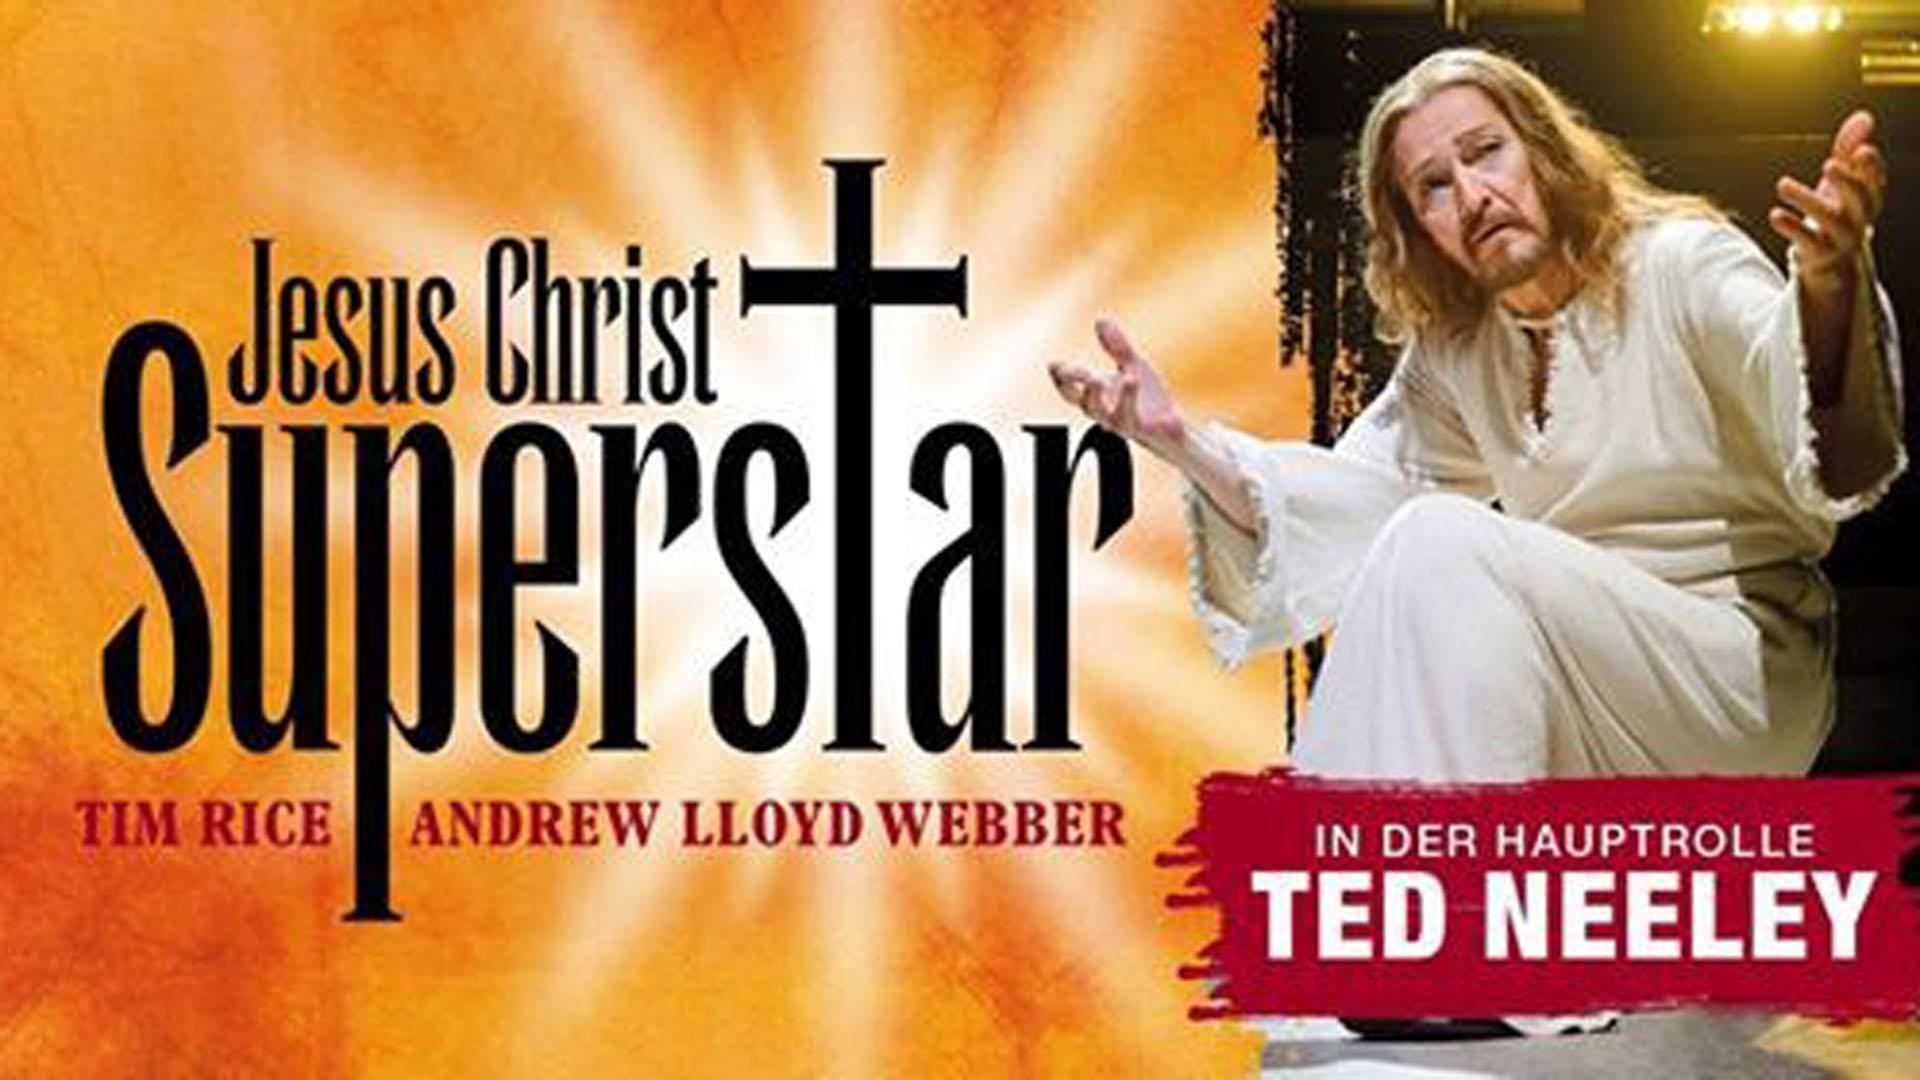 """Rolle als eine Art Lebensaufgabe: Der 29-jährige Ted Neeley spielte die Hauptrolle bei der Uraufführung des Musicals """"Jesus Christ Superstar"""" 1971 am Broadway in New York. Den Jesus spielt er bis heute auf der Bühne."""